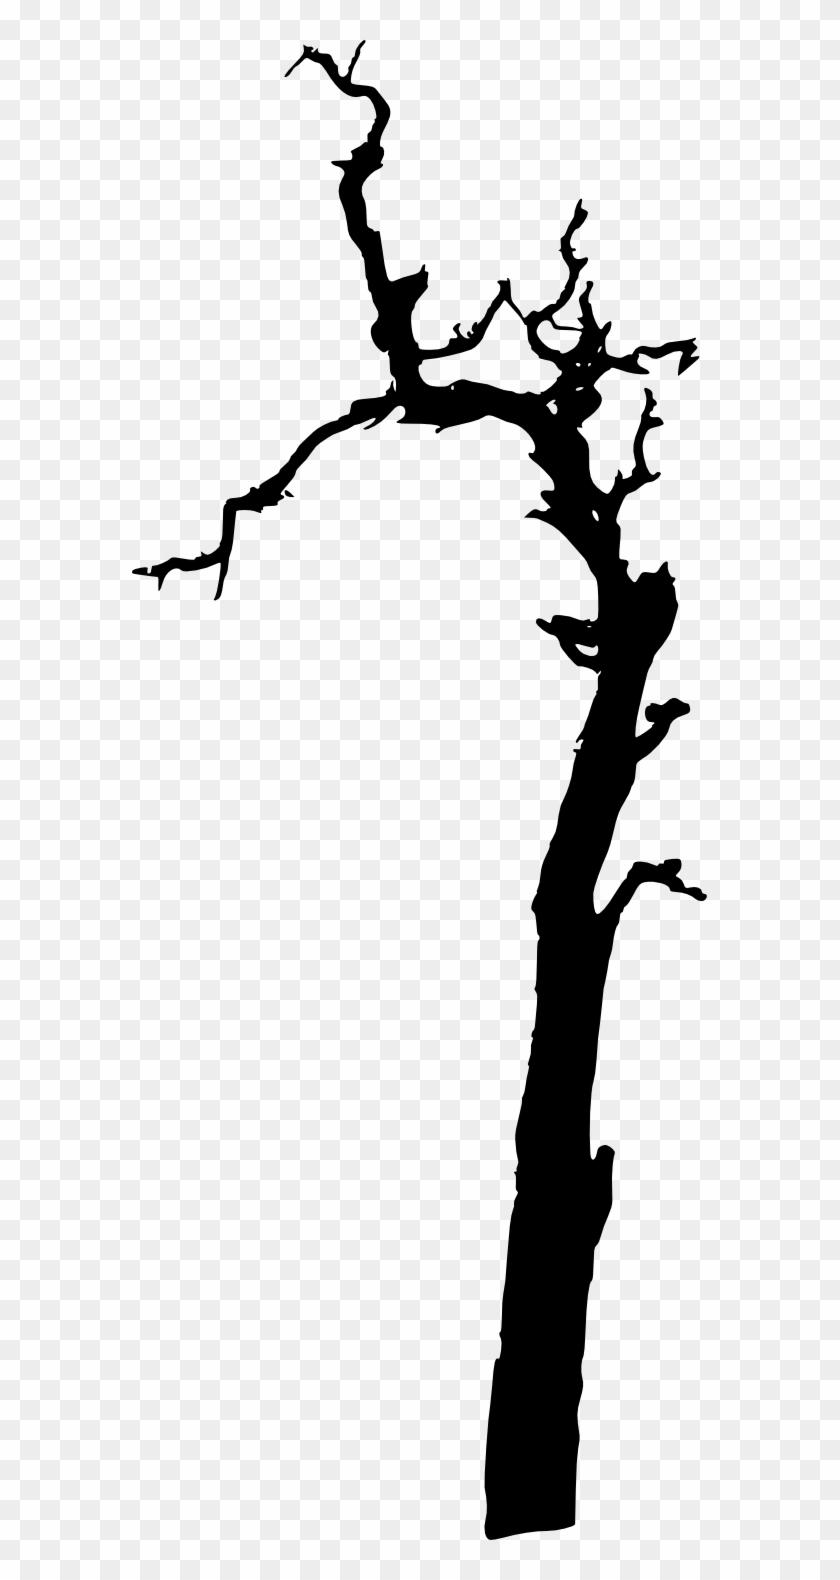 17 Dead Tree Silhouette.